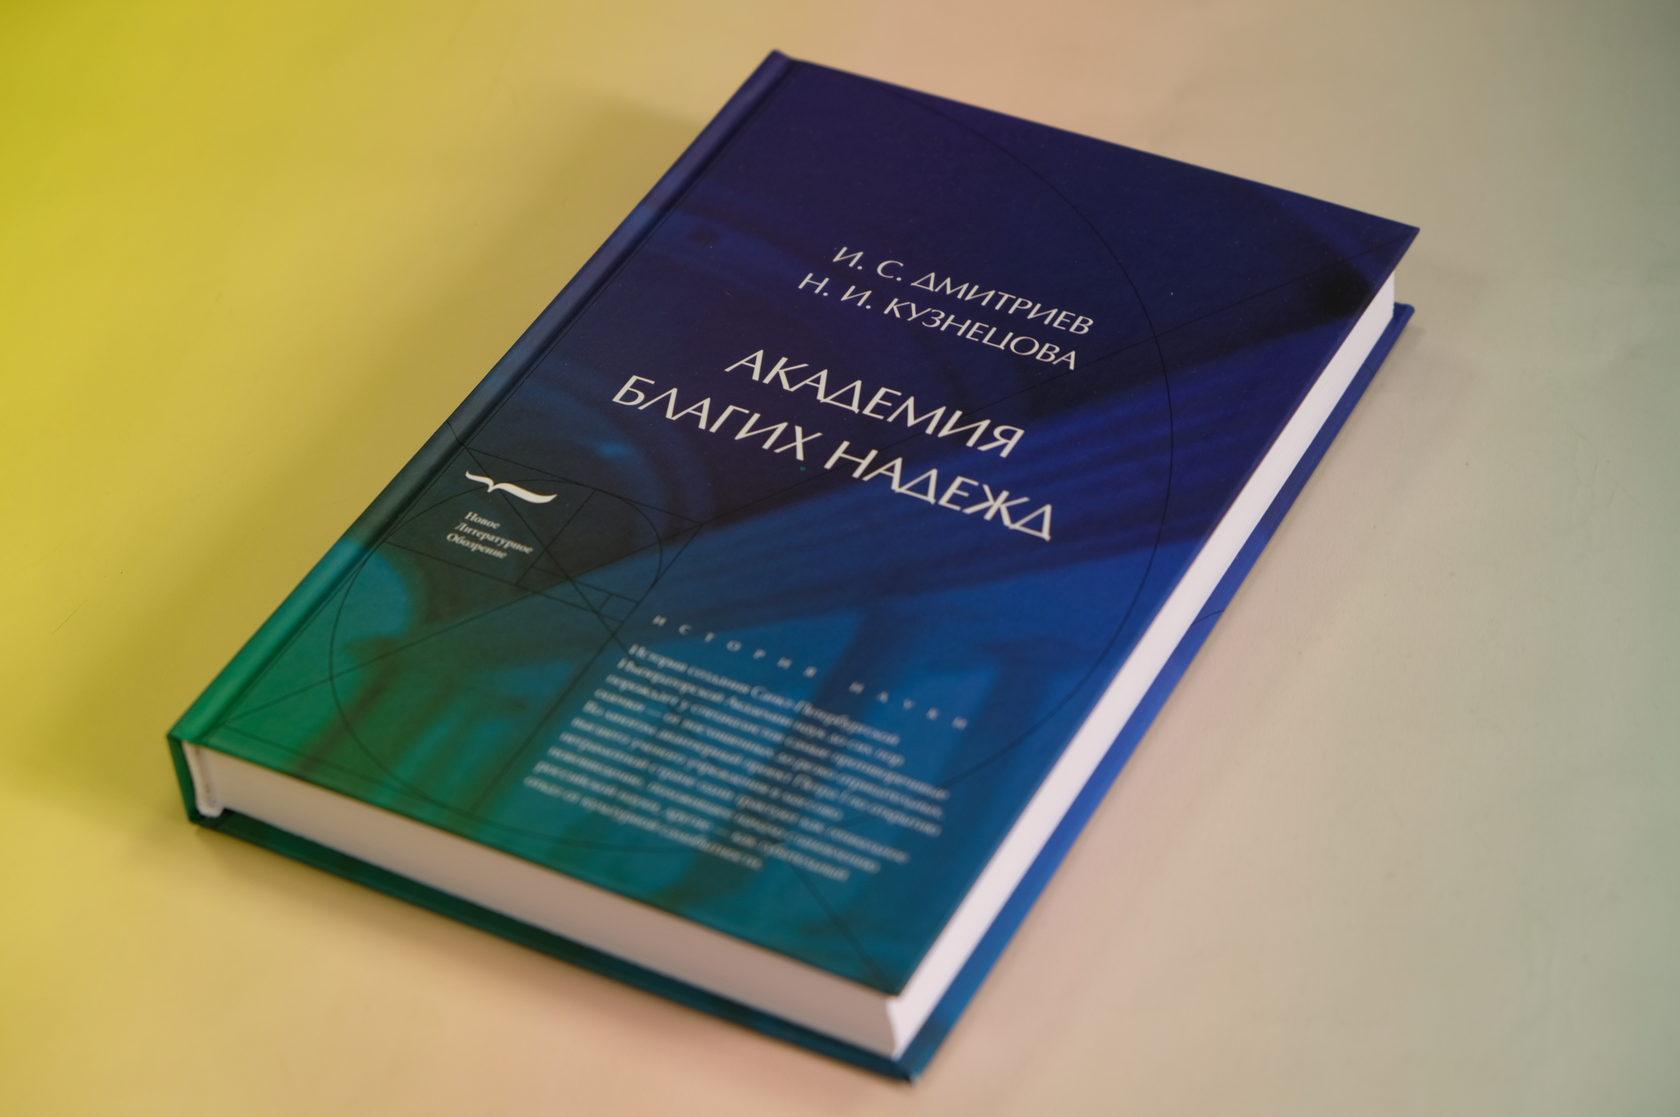 Купить книгу «Академия благих надежд»  978-5-4448-1114-6